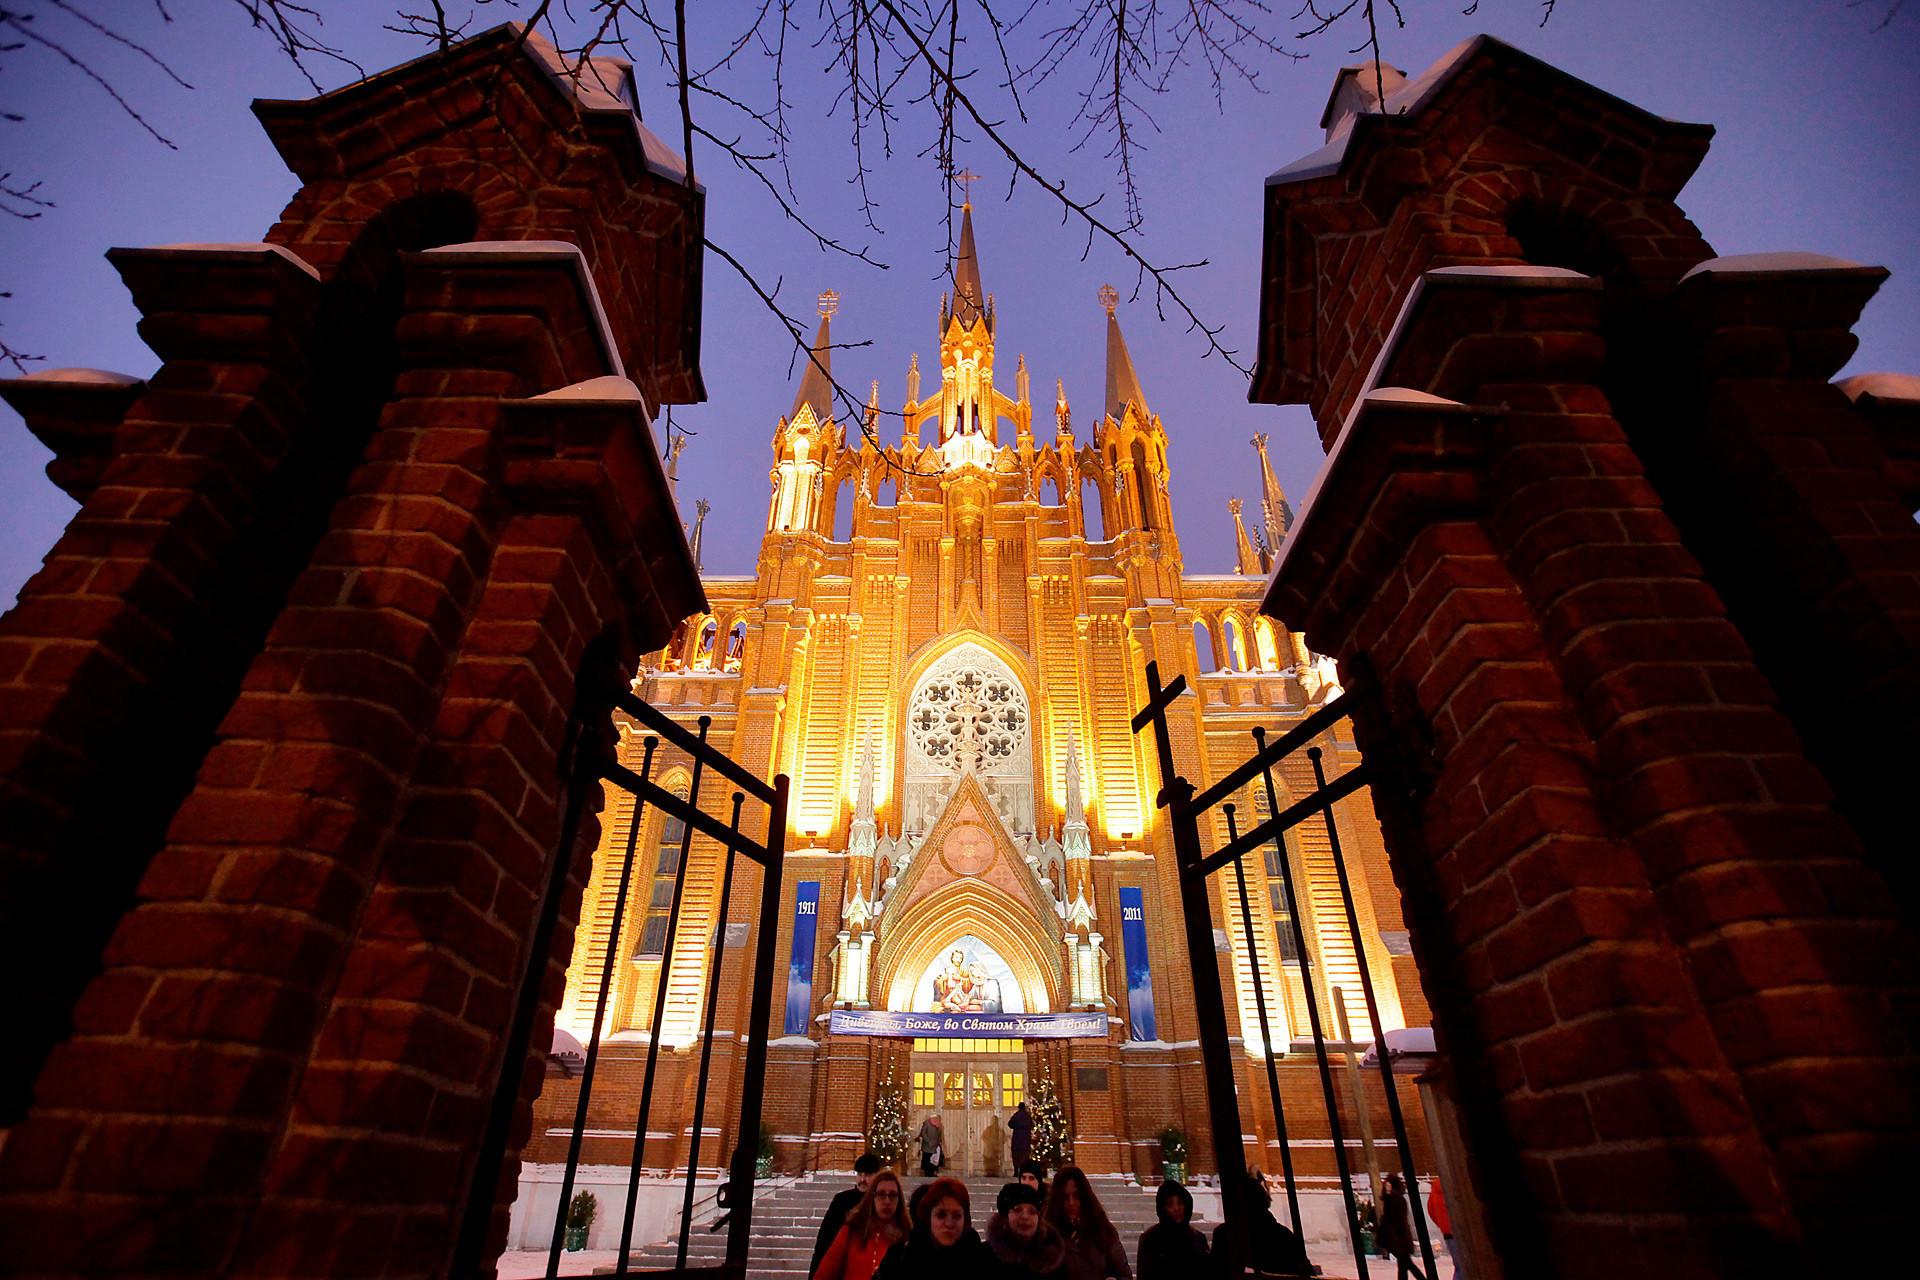 Vjernici u blizini rimokatoličke katedrale Bezgrešnog začeća Blažene Djevice Marije za vrijeme katoličkih božićnih proslava u Moskvi.